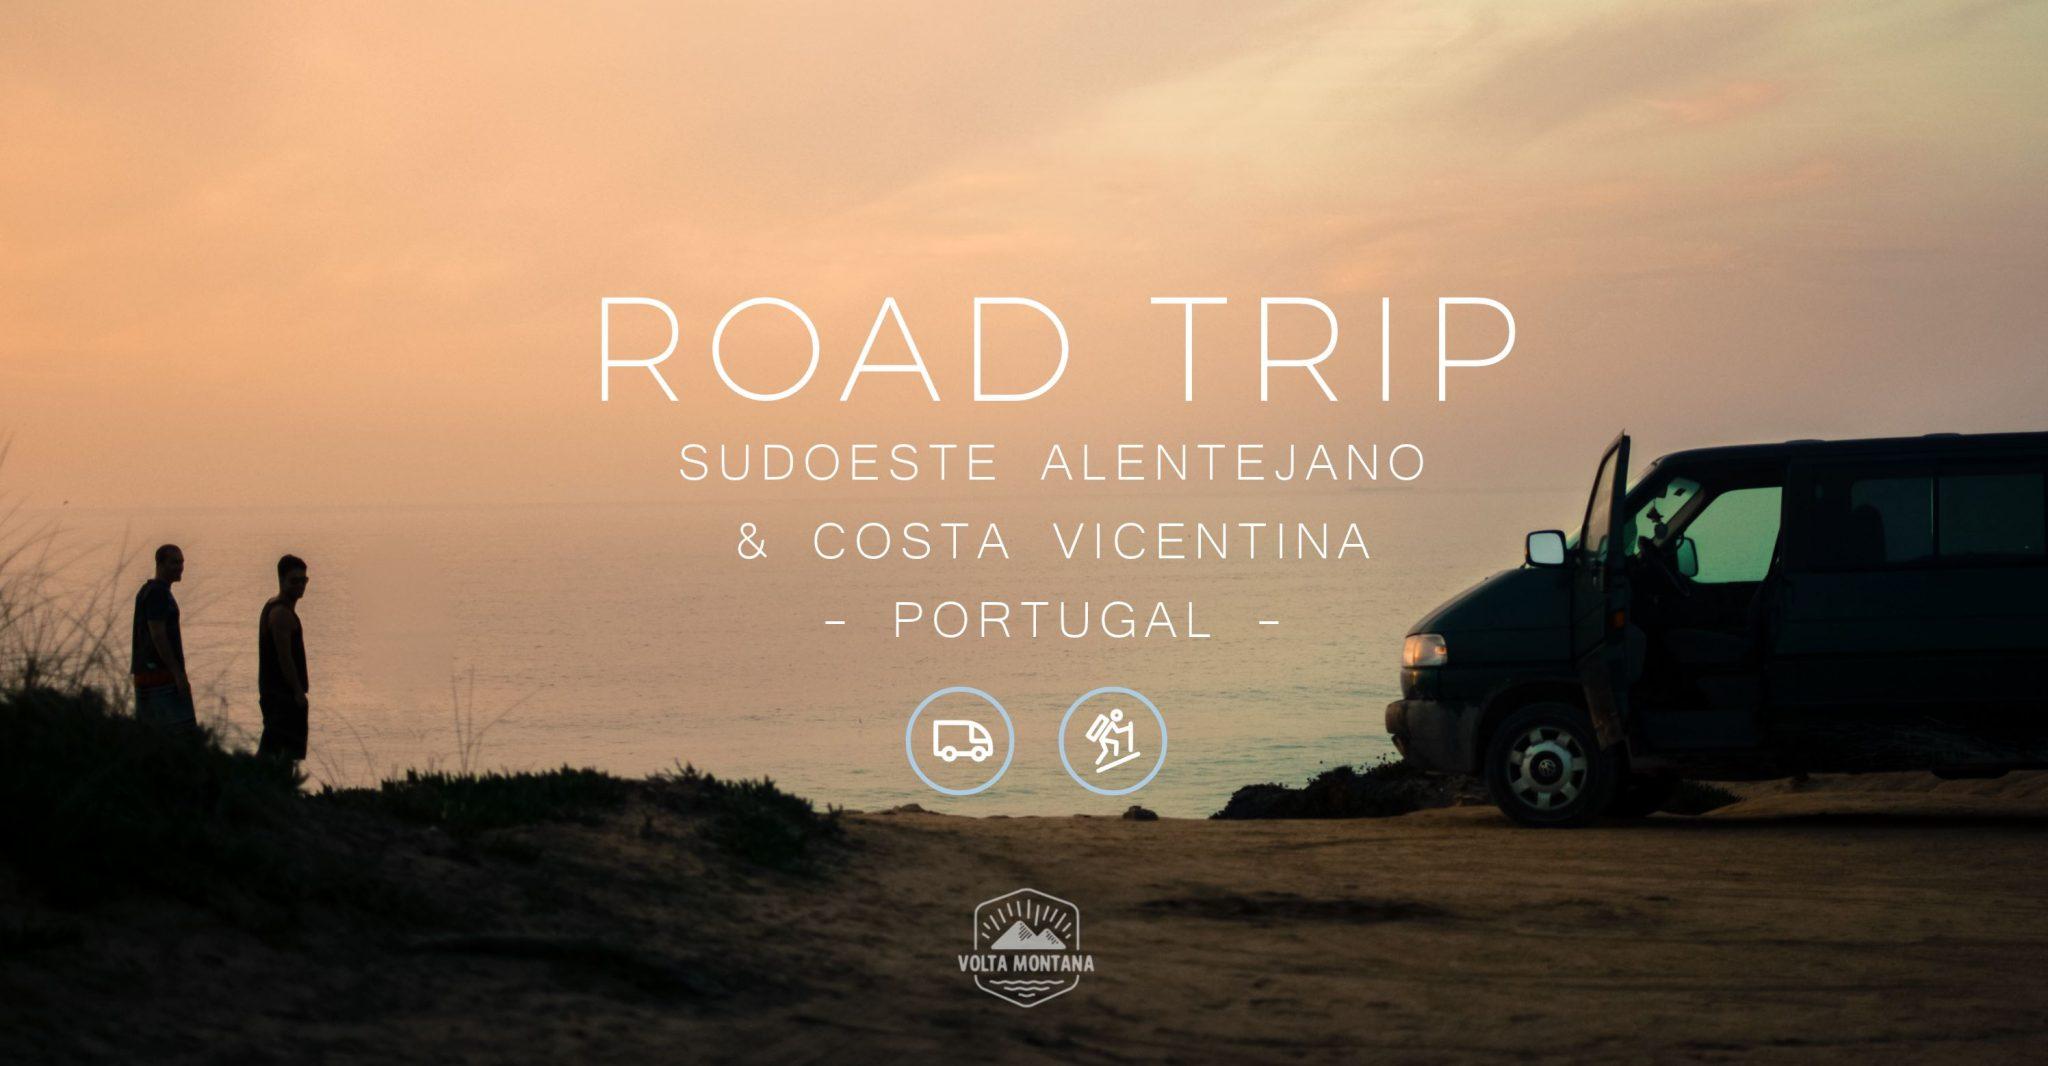 roadtrip-costa-vicentina